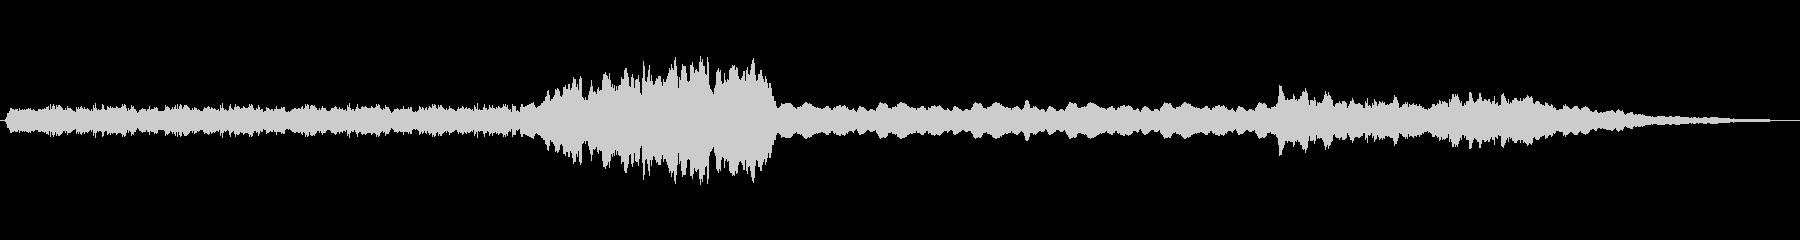 弦楽器がいくつかの合唱団とともにこ...の未再生の波形